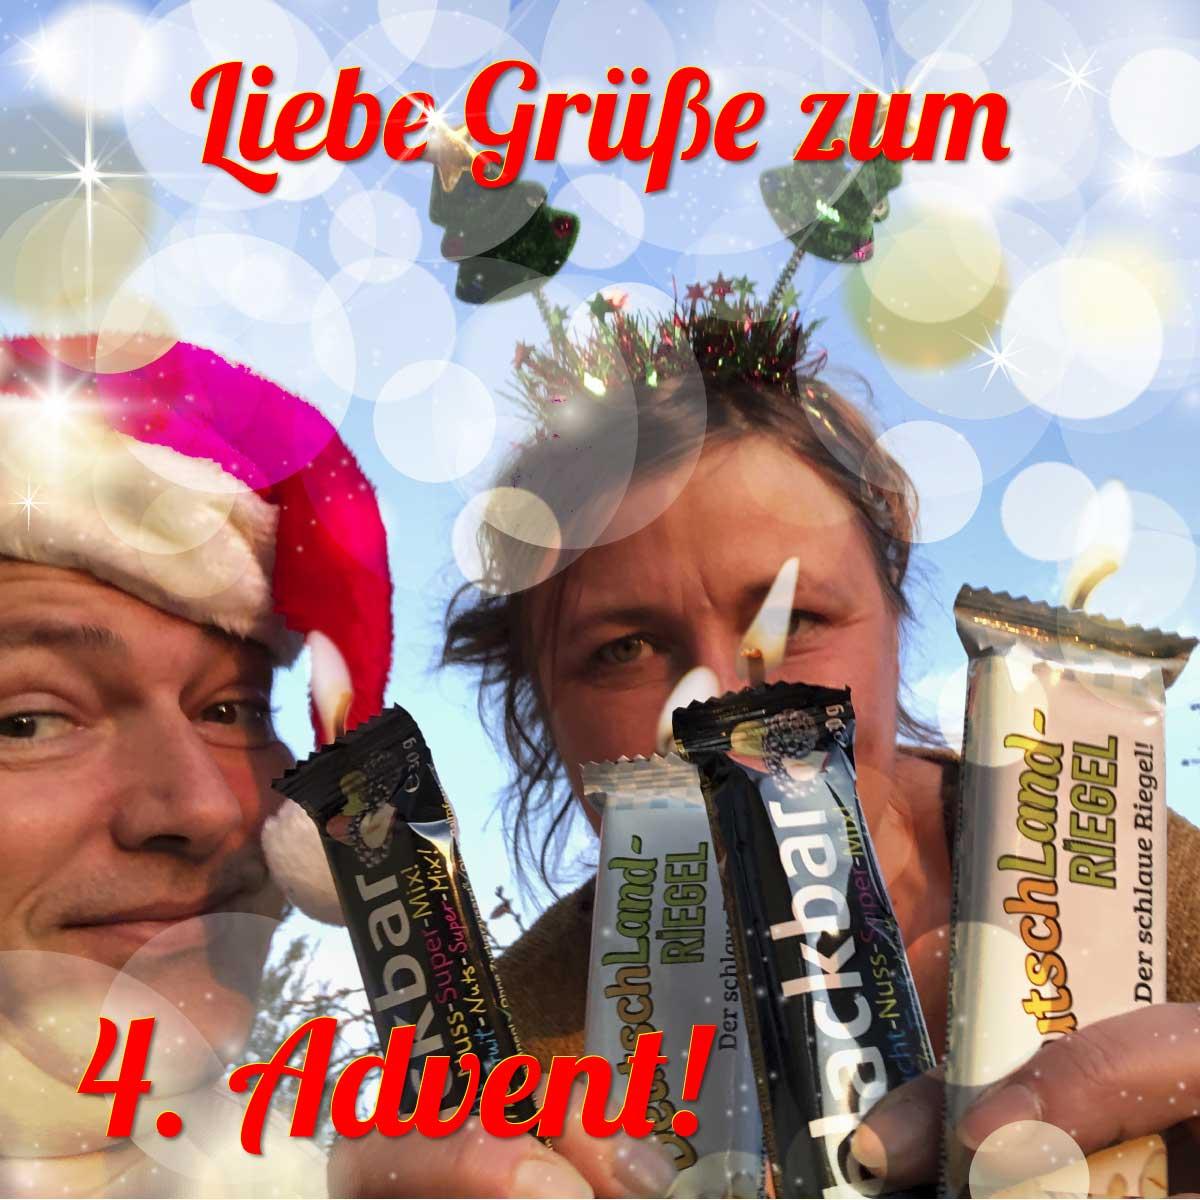 Liebe Grüße zum 4. Advent senden Diana und Andreas!